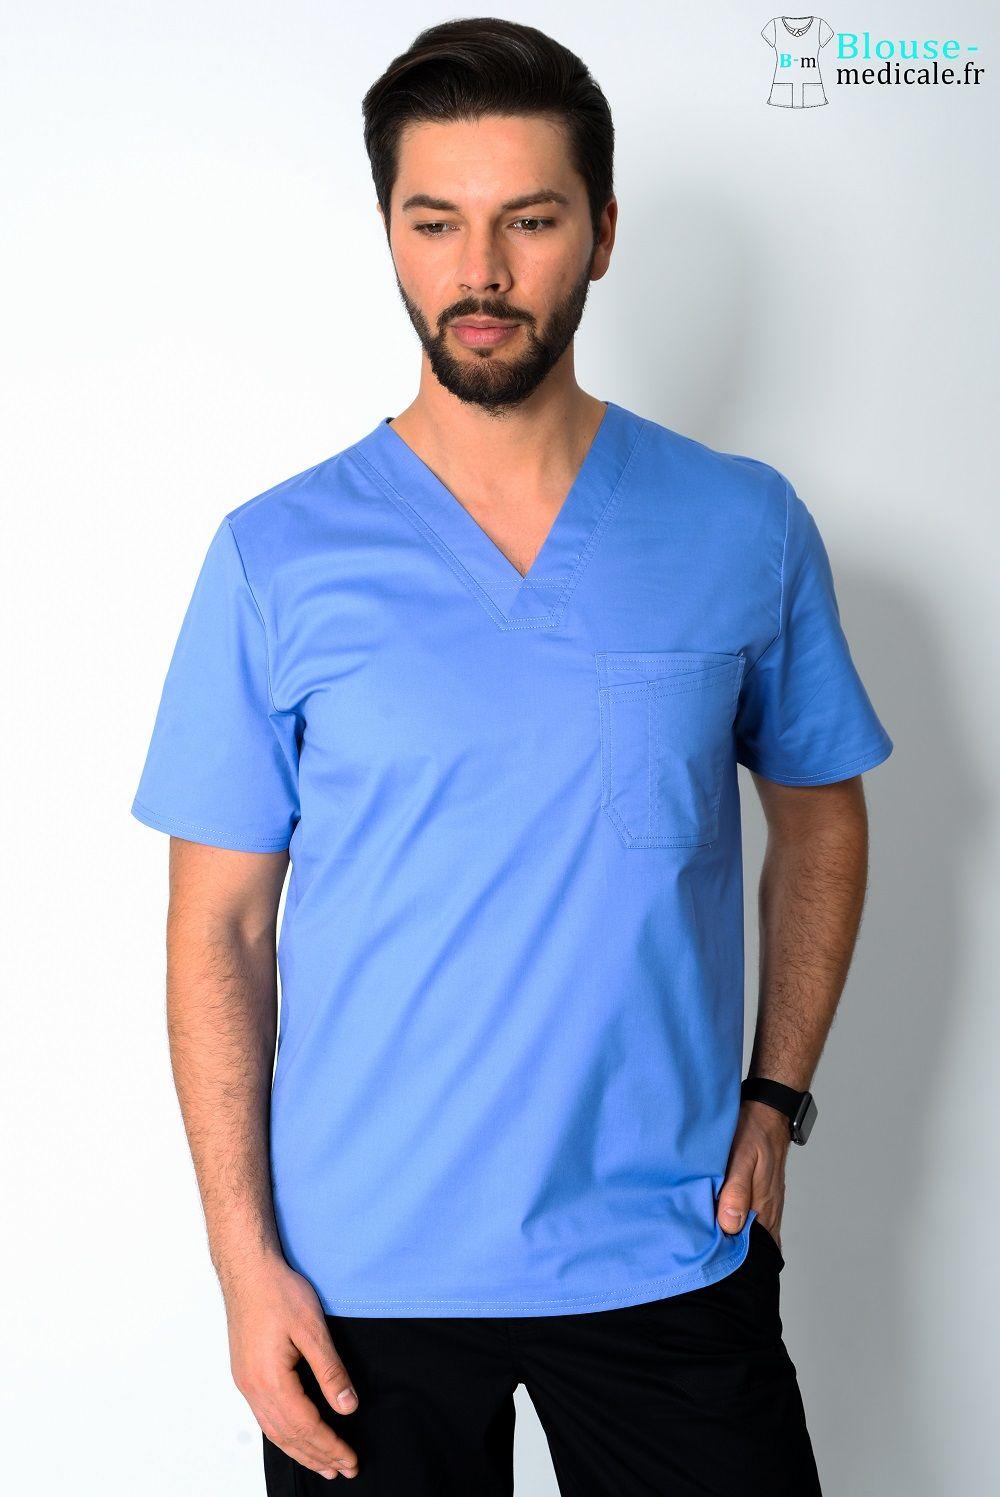 blouse medicale homme couleur cherokee bleu ciel